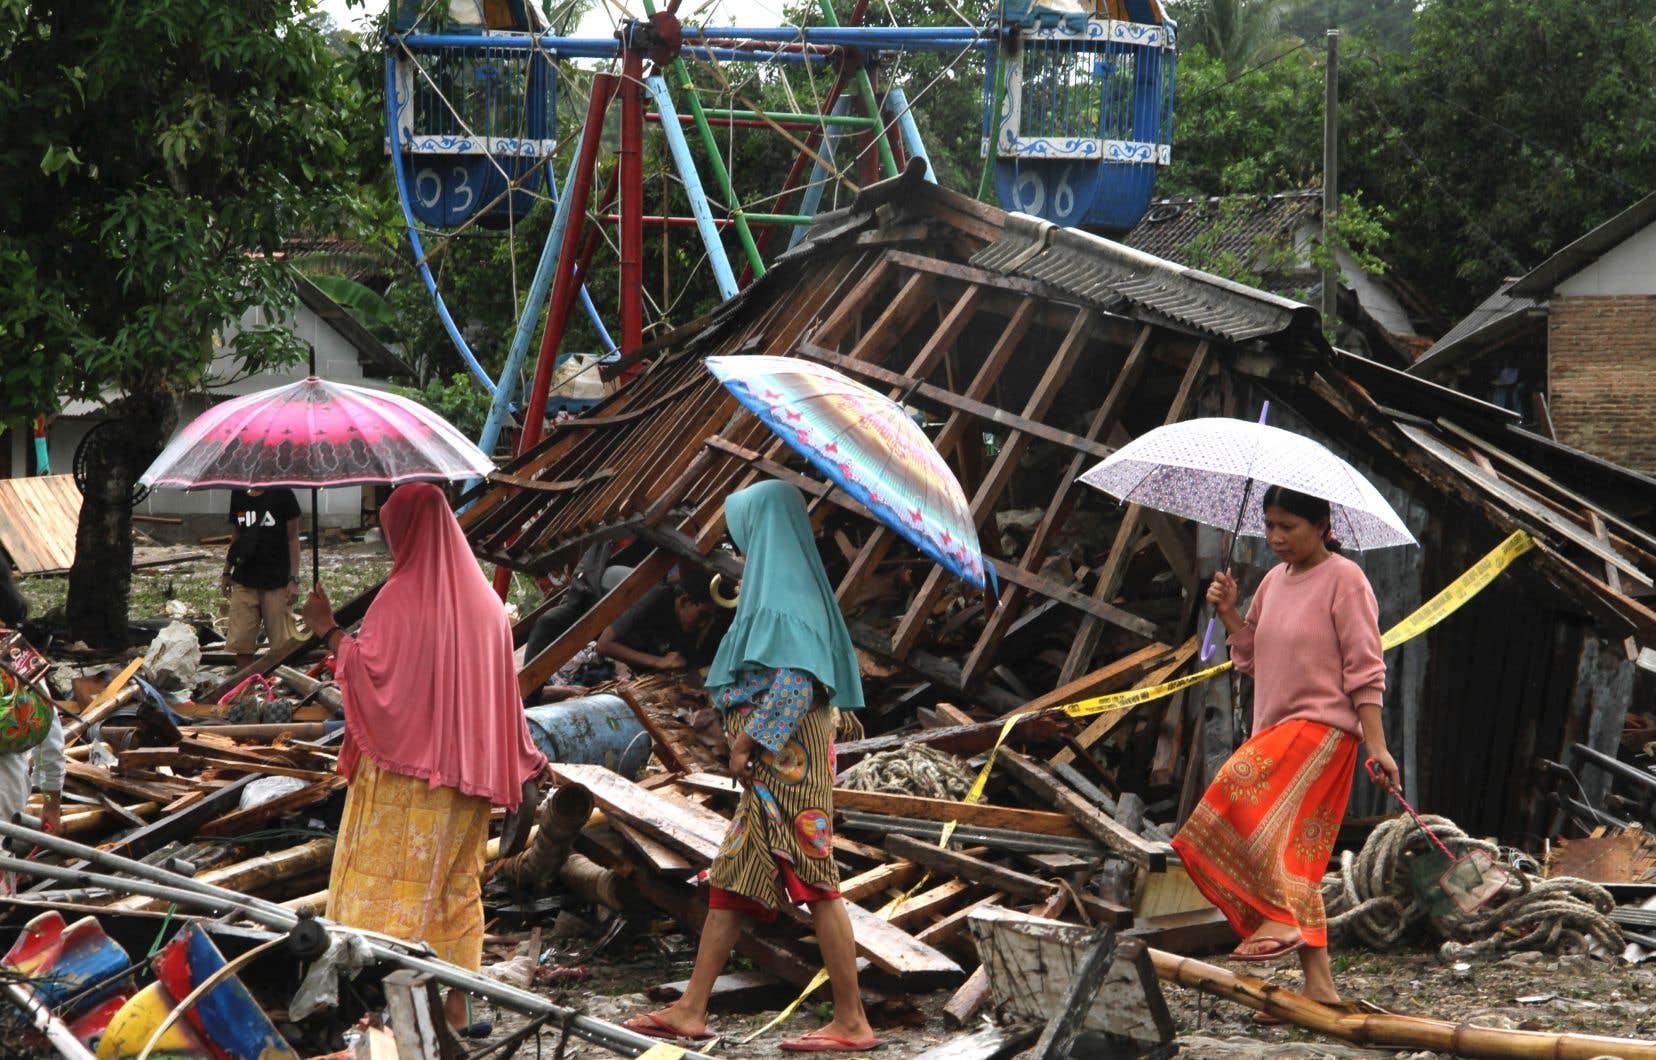 Letsunamia frappé soudainement samedi soir les rives du détroit de la Sonde, qui sépare les îles de Sumatra et de Java.